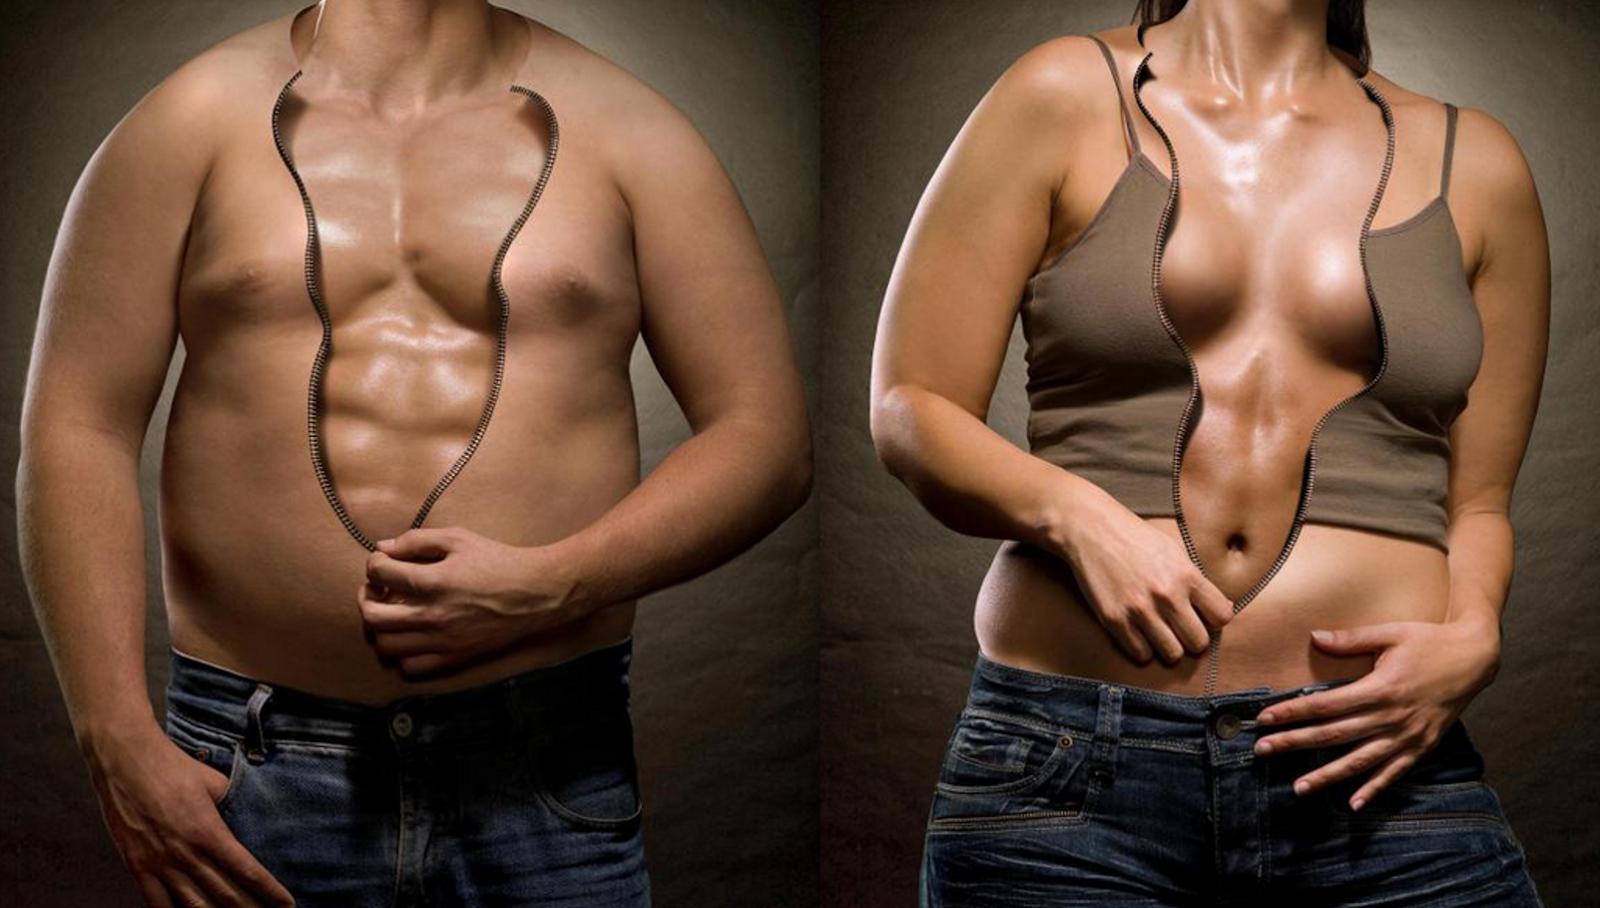 С Чего Начать При Похудении Мужчине. Безопасное похудение для мужчины